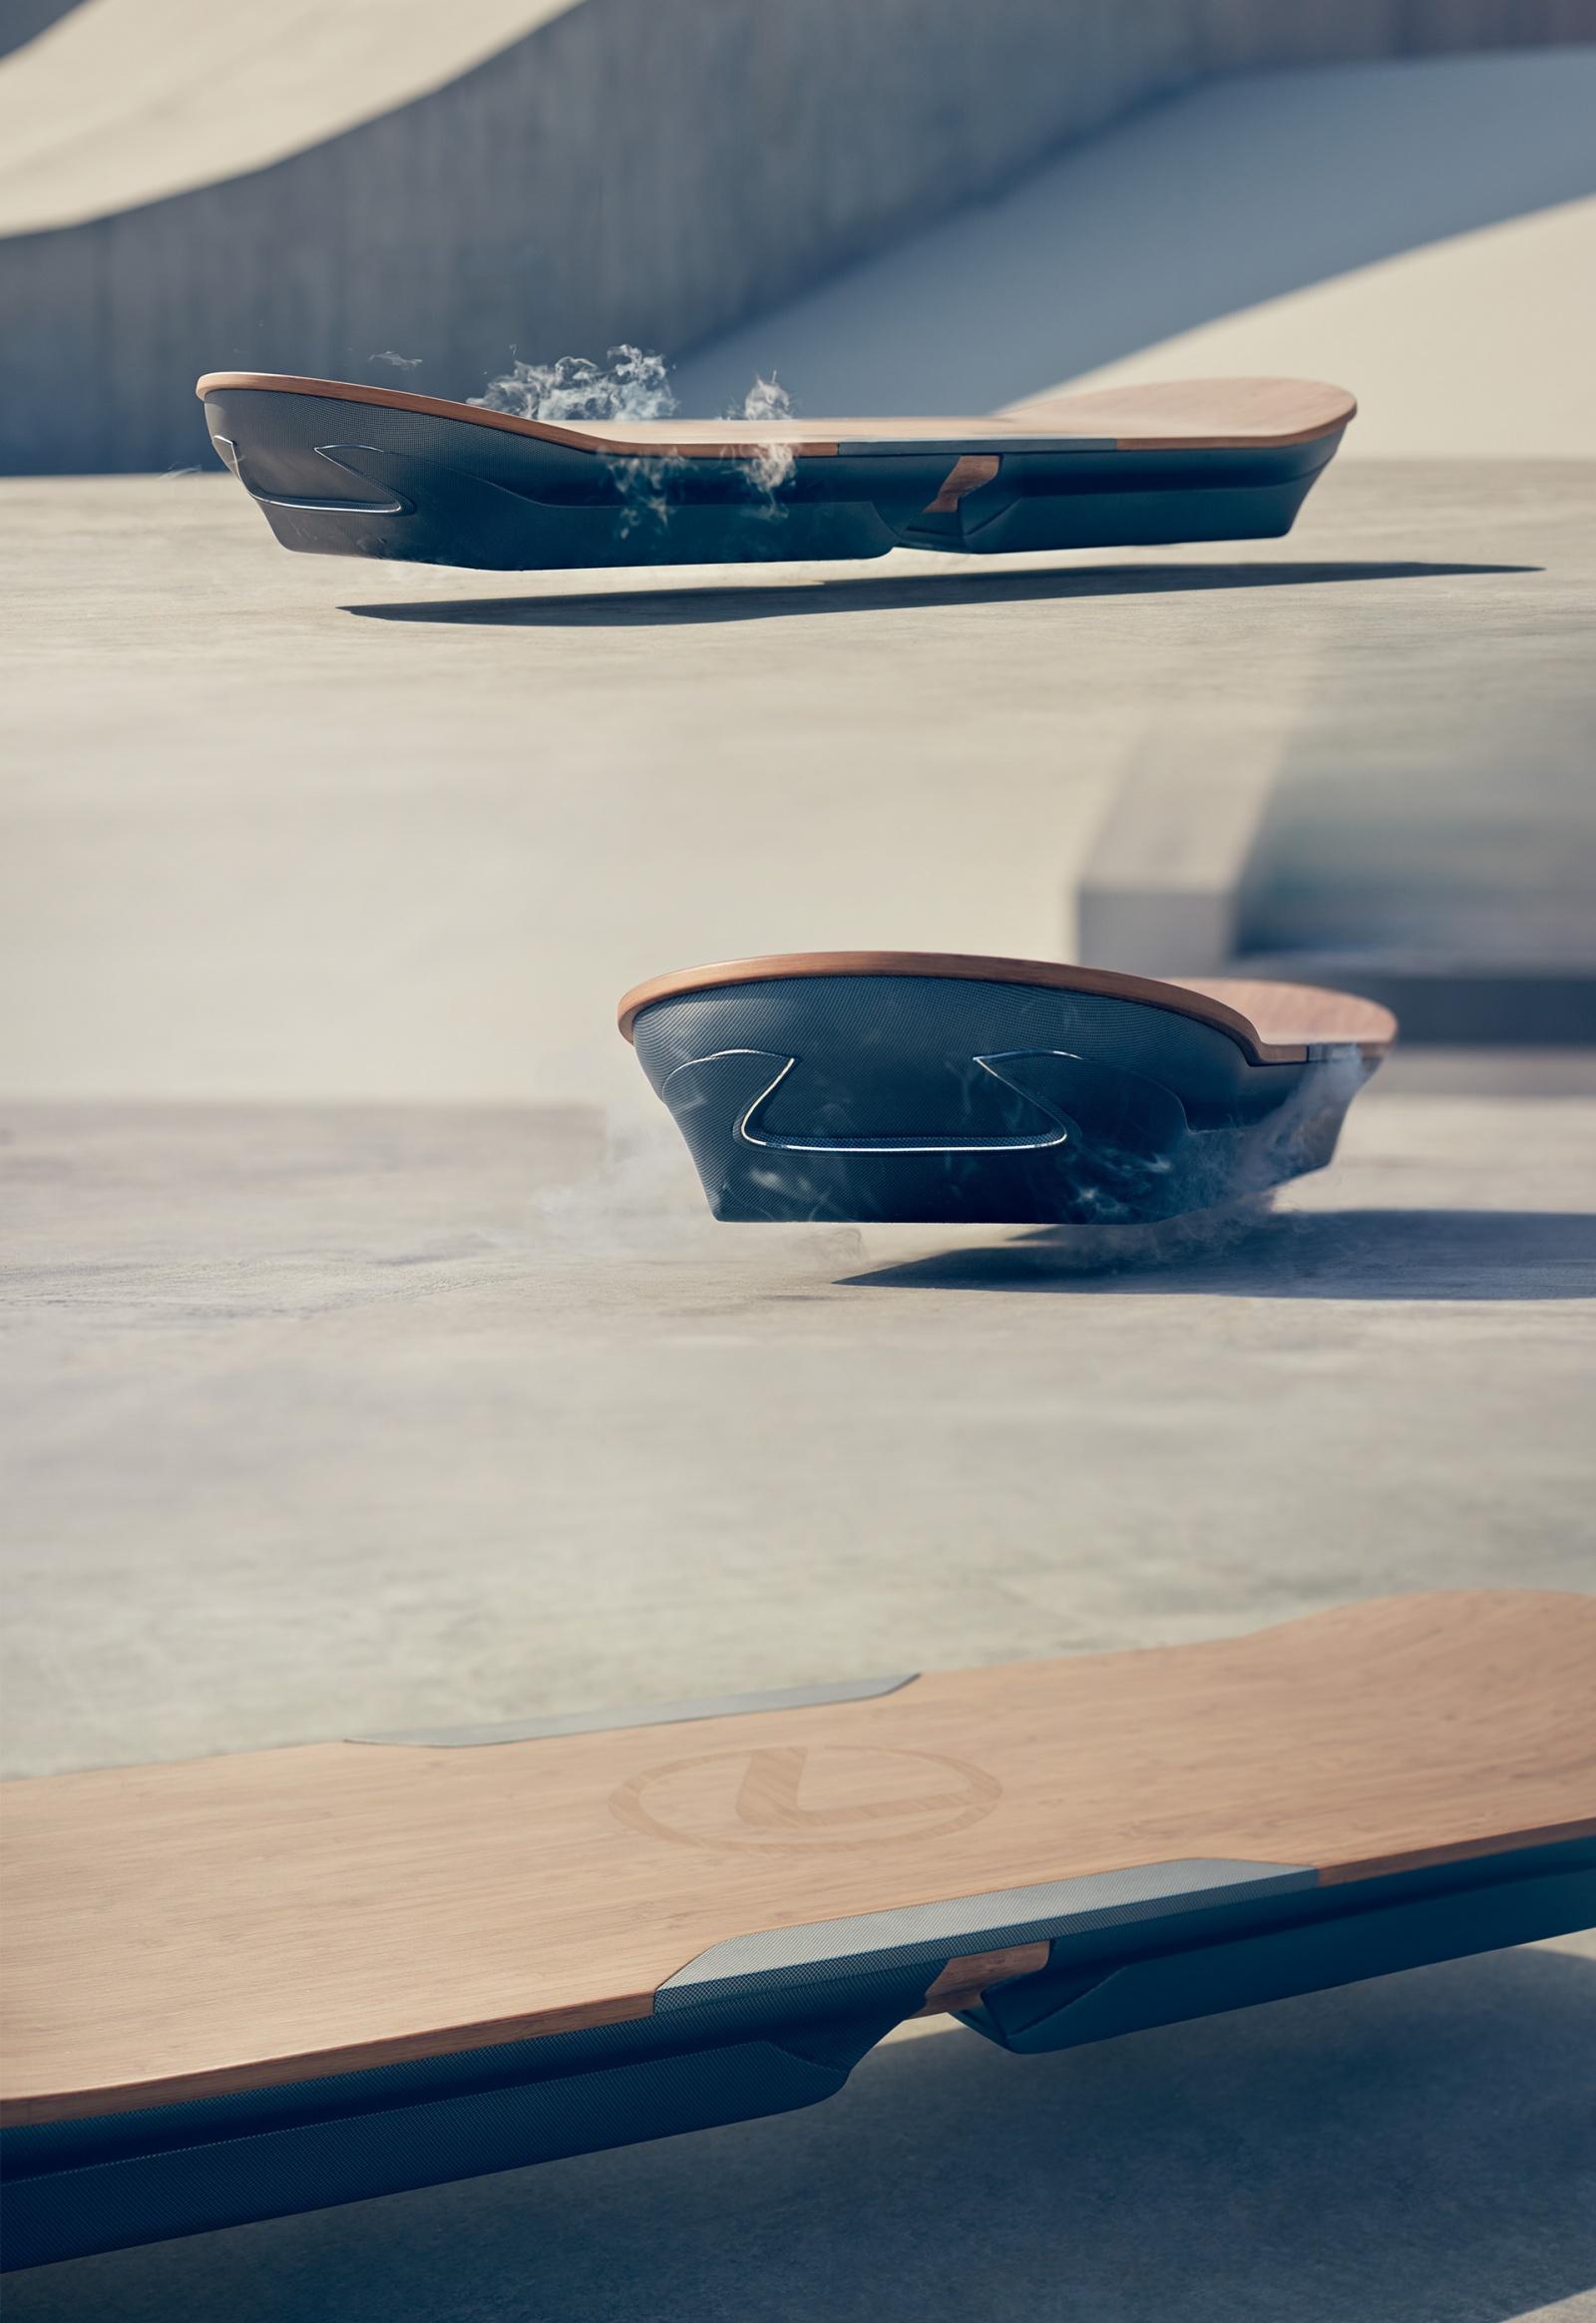 Назад в будущее: Lexus показал работающий Ховерборд - 1